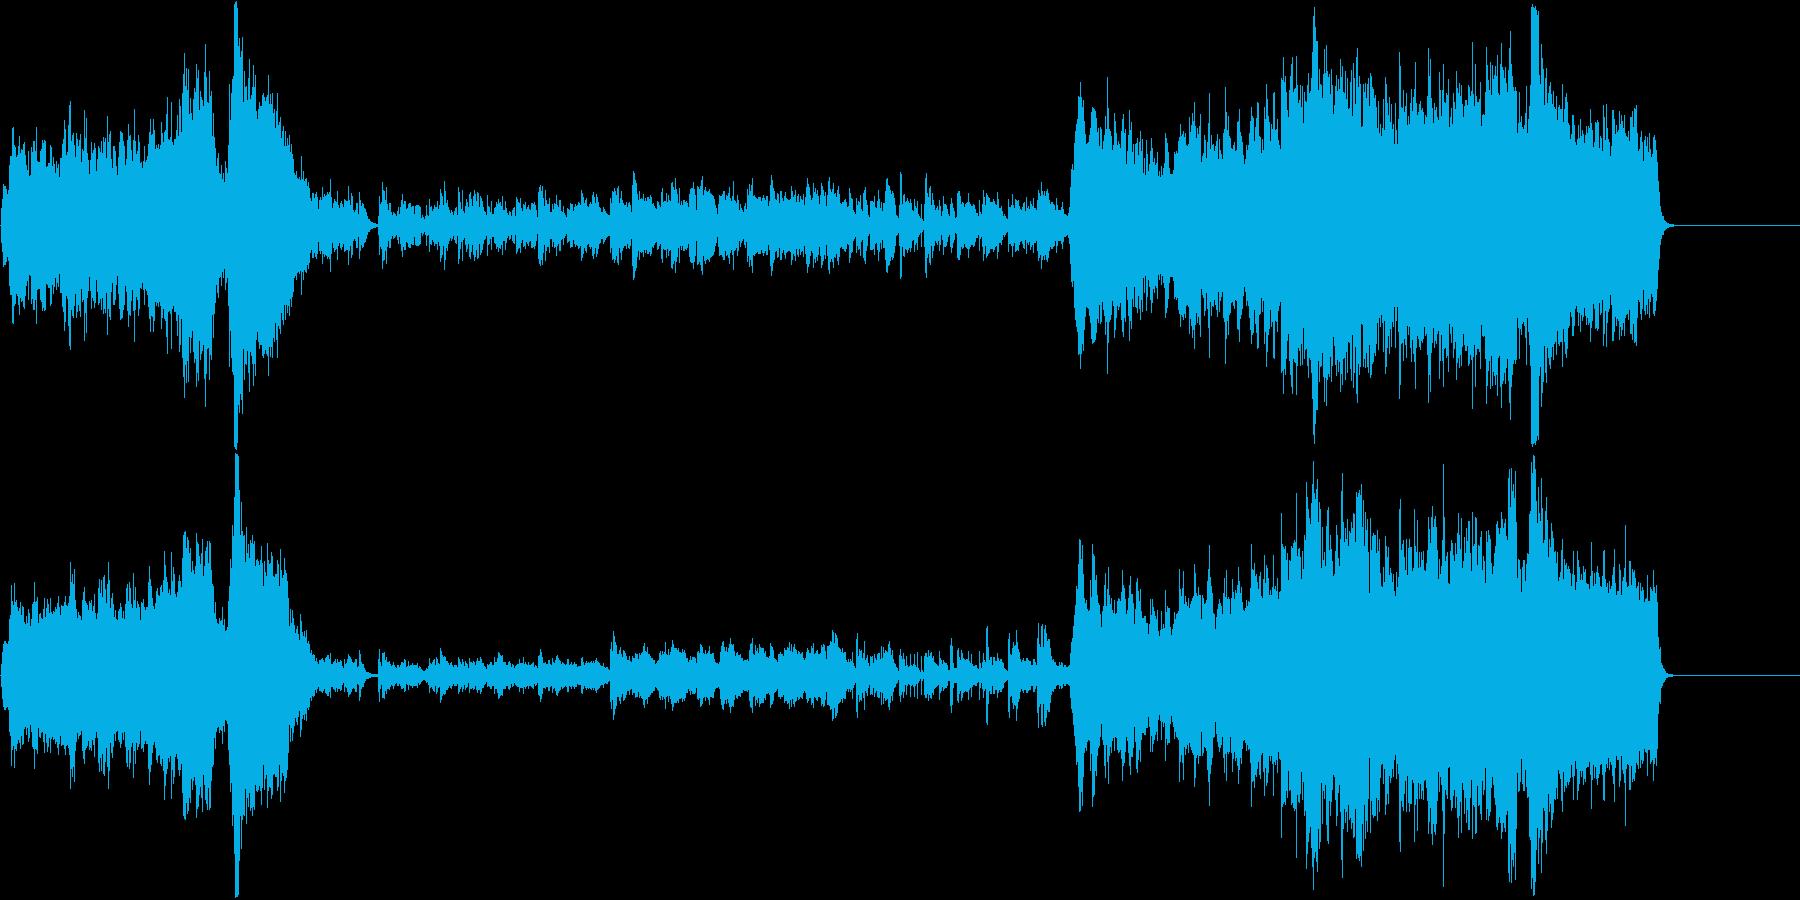 桜/エンディング/大団円/壮大/自然の再生済みの波形